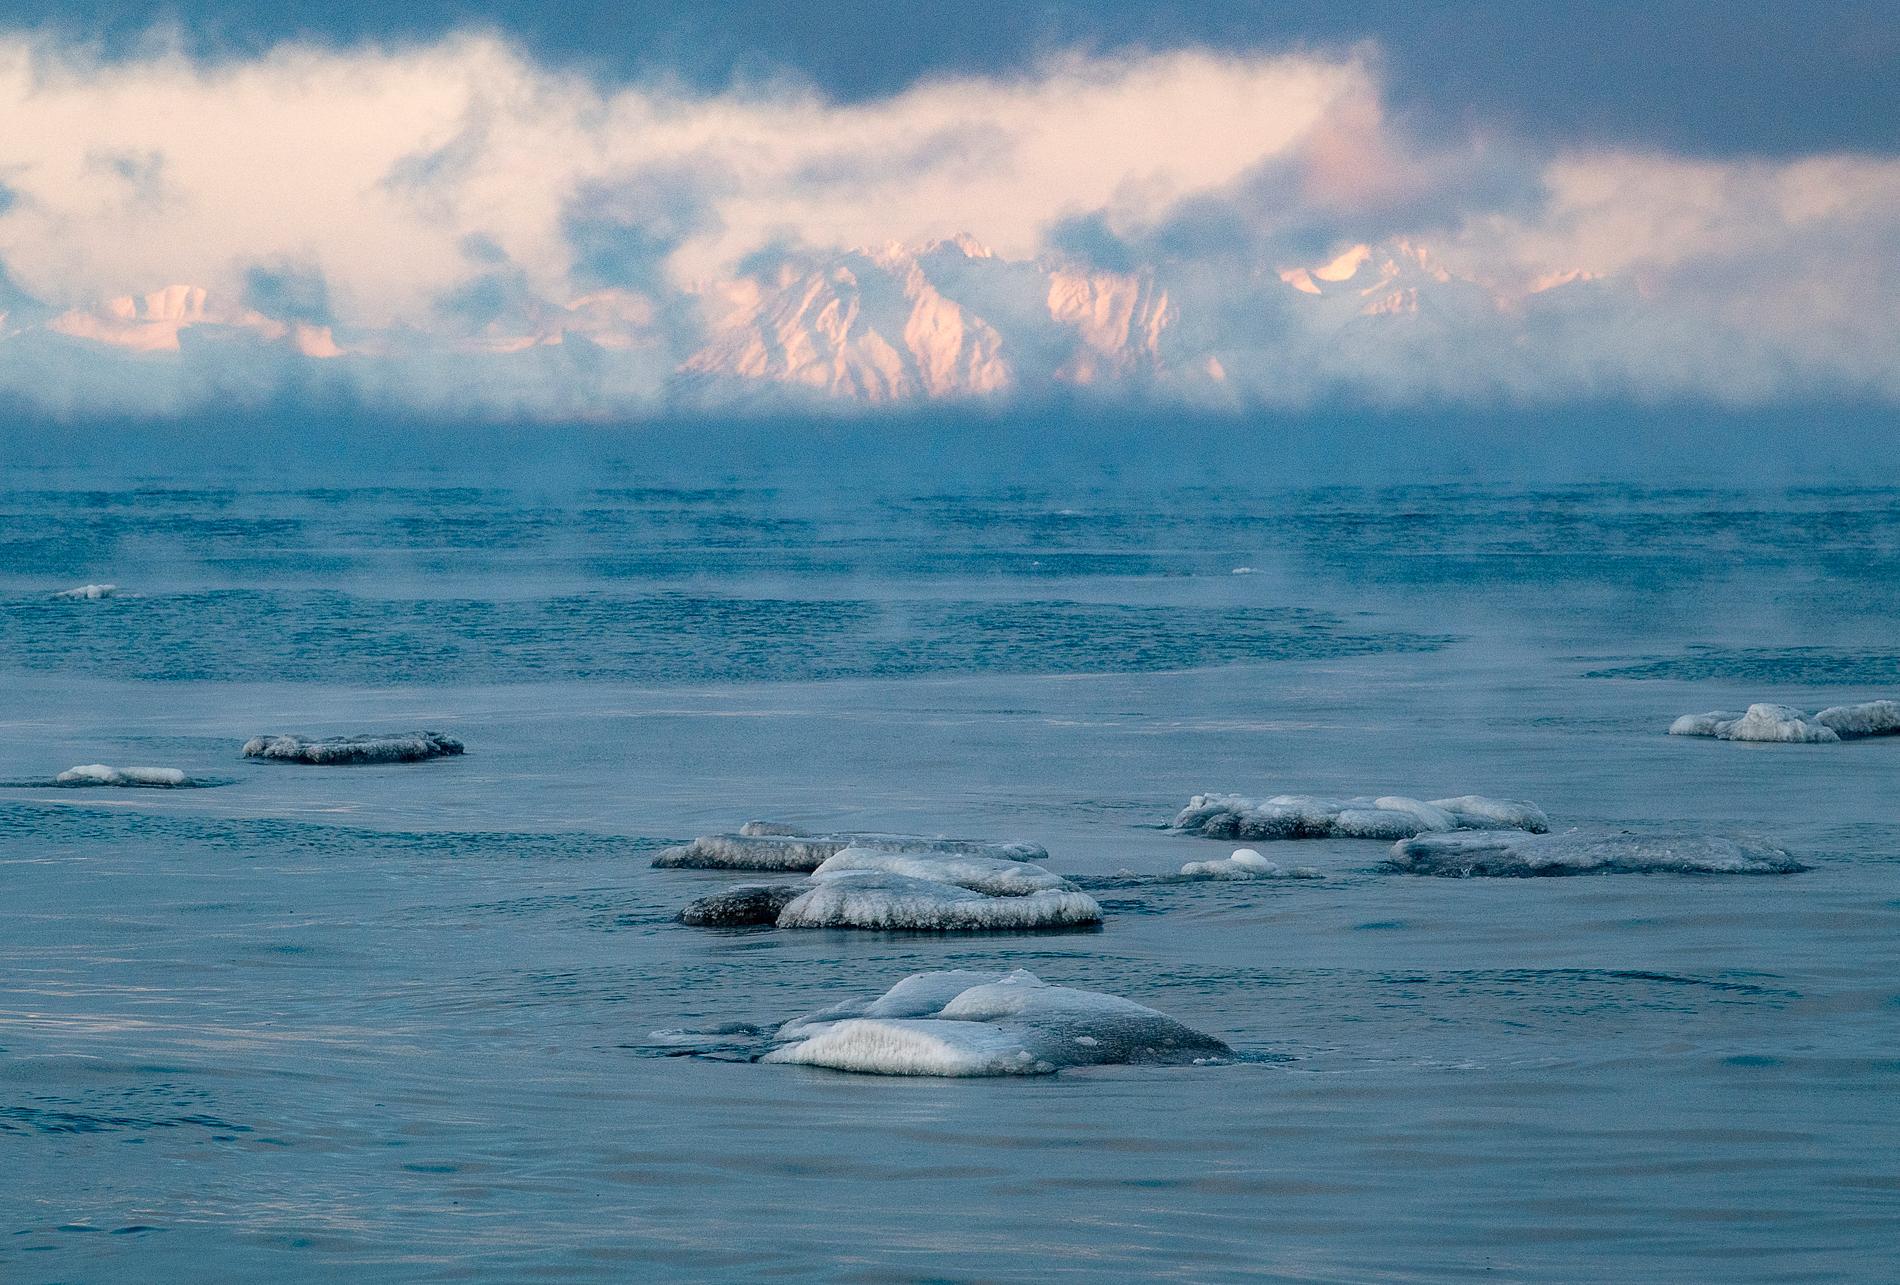 Arktis och Svalbard hör till de områden i världen som drabbats hårdast av klimatförändringarna. Arkivbild.